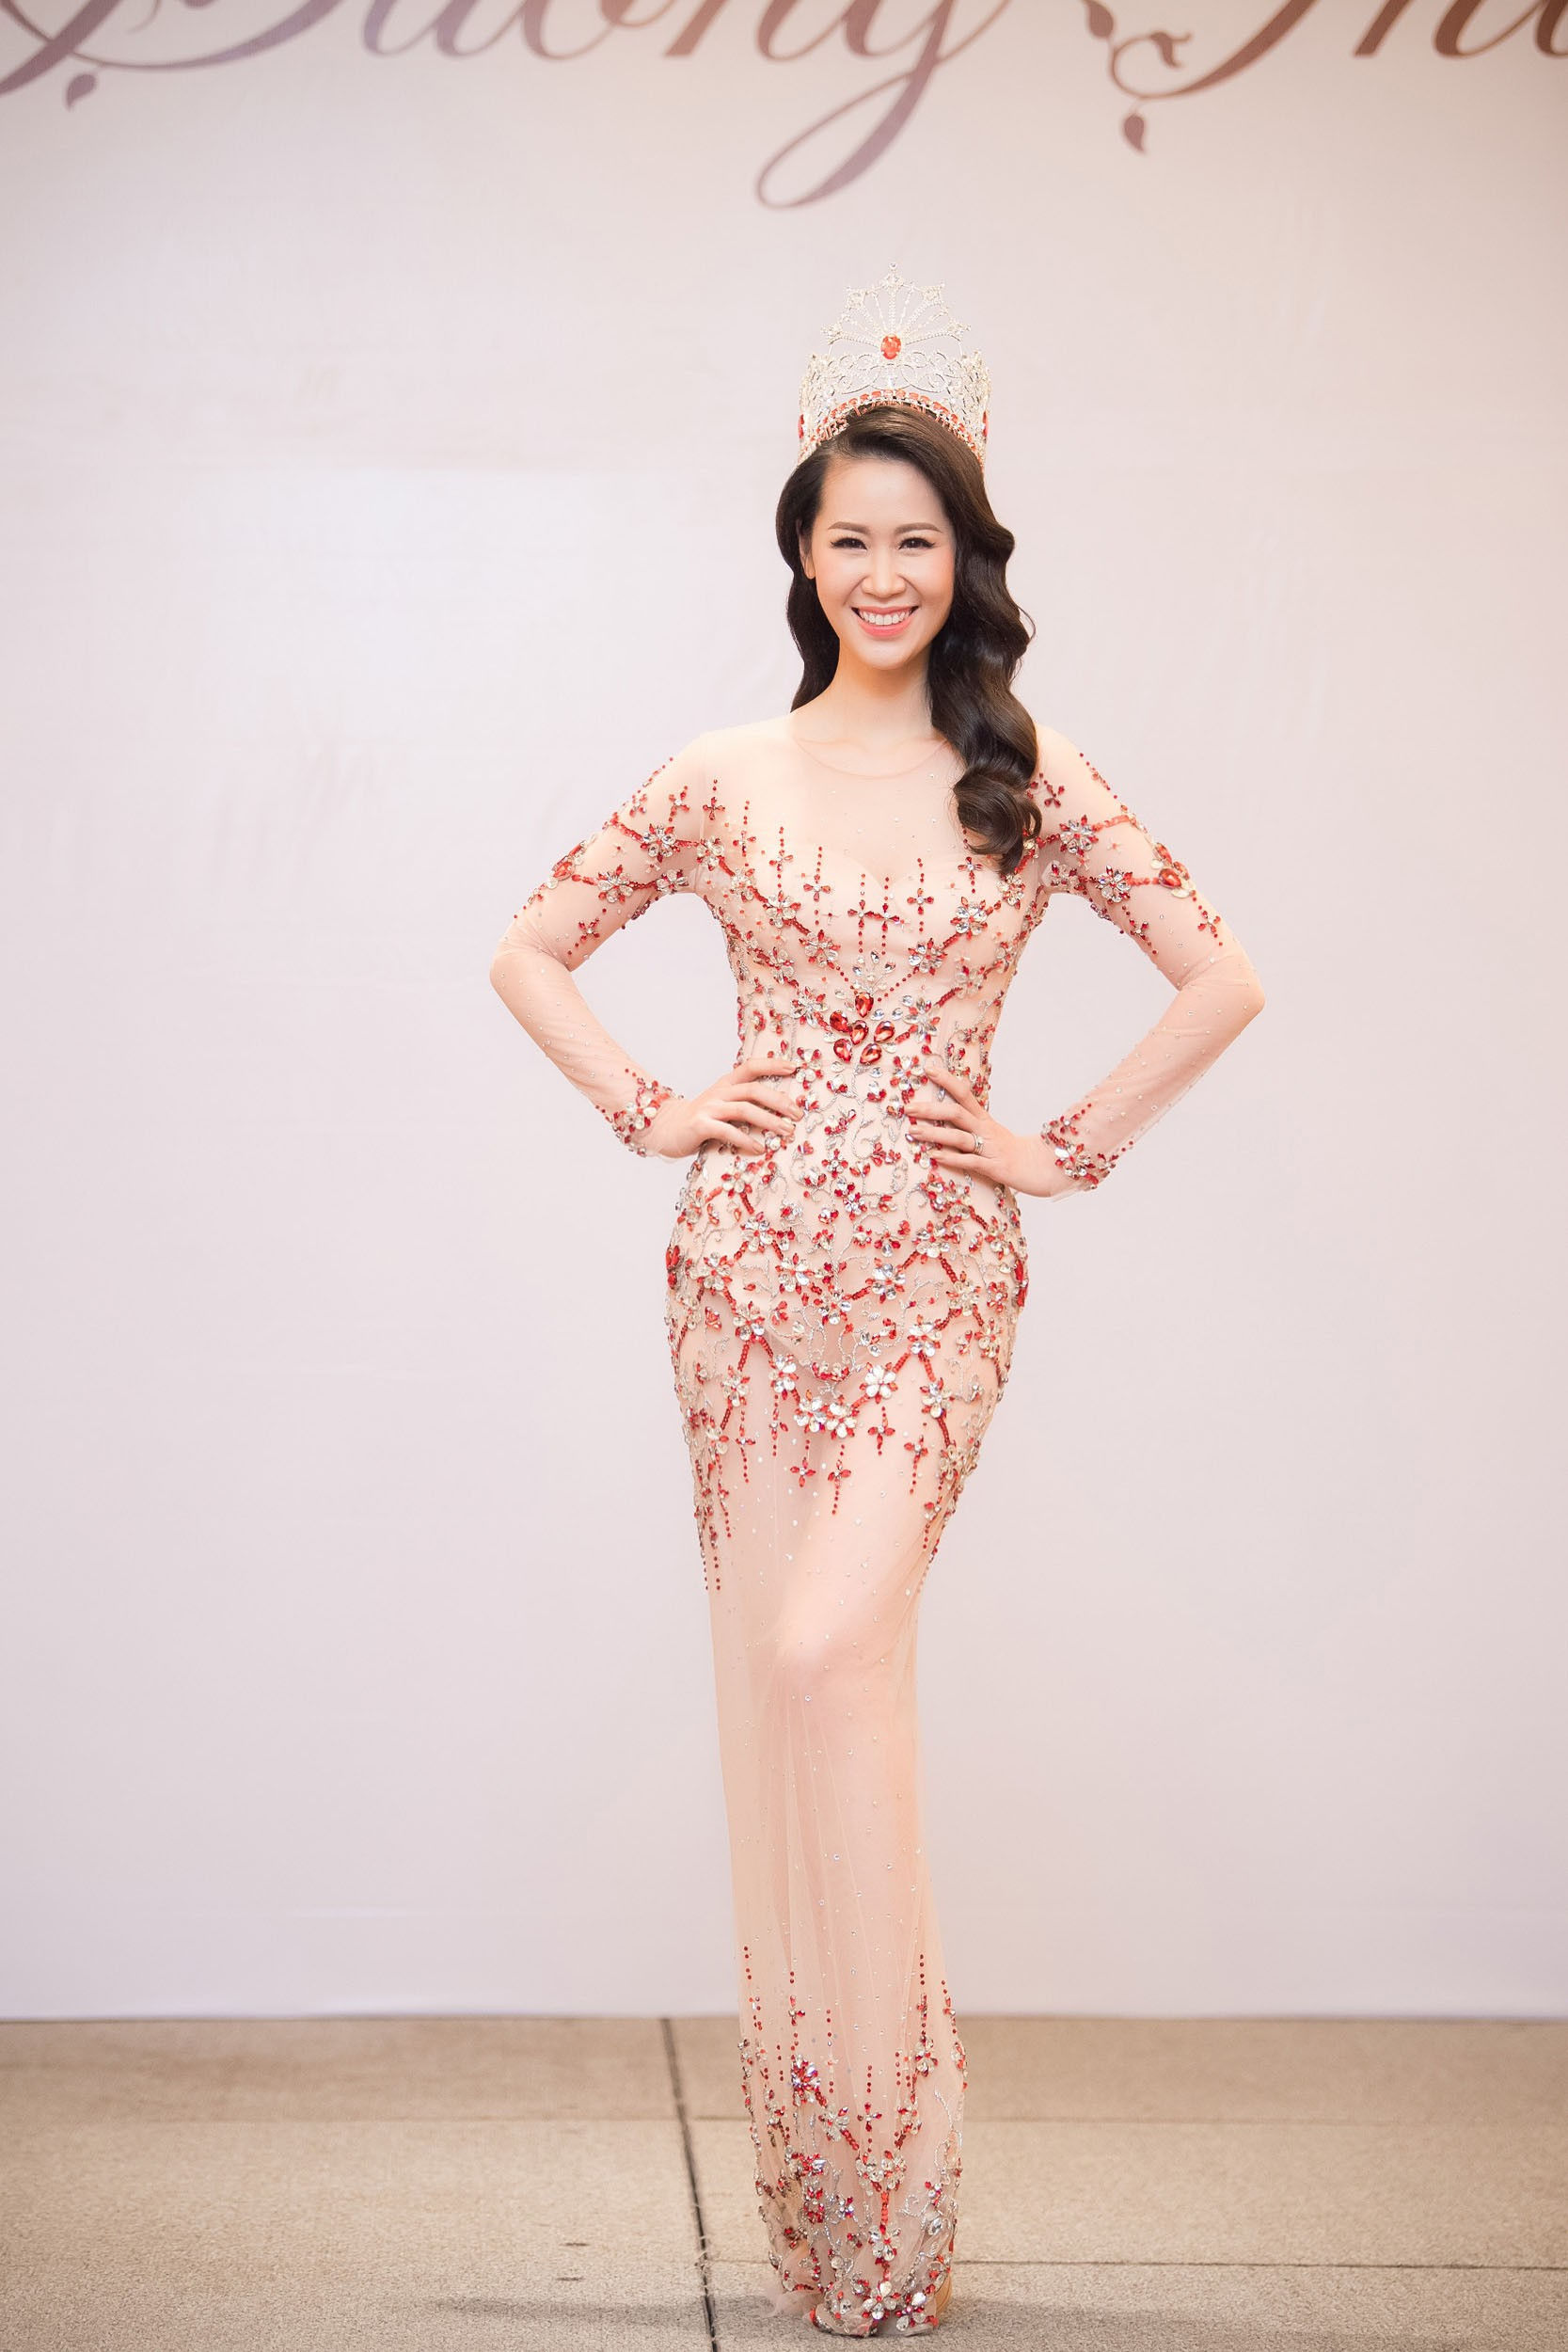 Dương Thùy Linh kể về cái ôm sau cánh gà trước khi được xướng tên Hoa hậu Quý bà toàn thế giới 2018 - Ảnh 1.